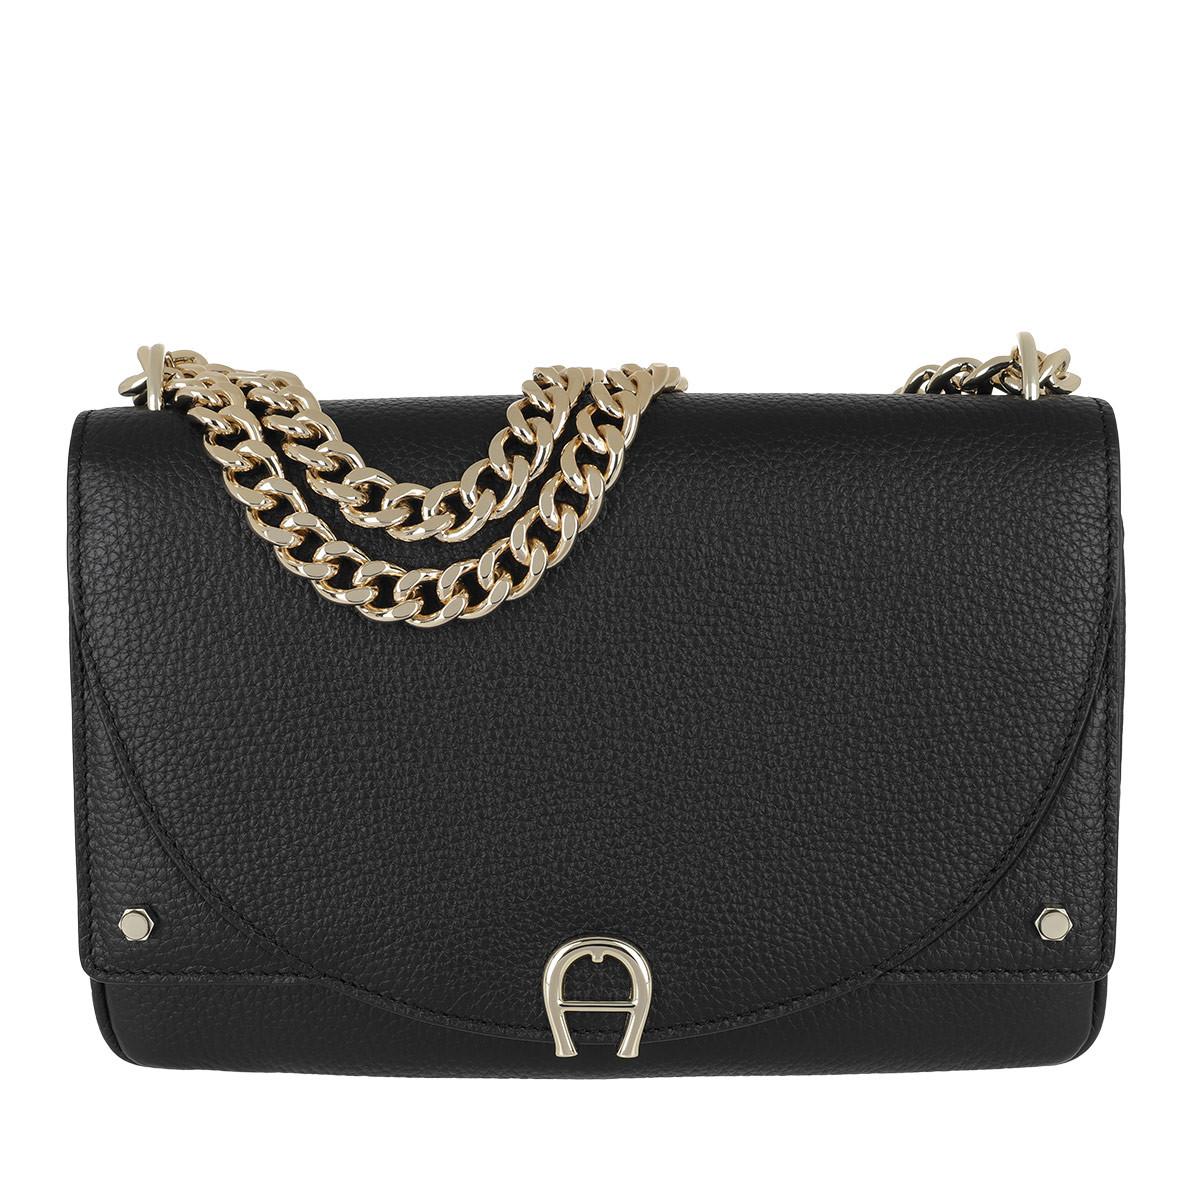 Aigner Umhängetasche - Diadora S Crossbody Bag Black - in schwarz - für Damen